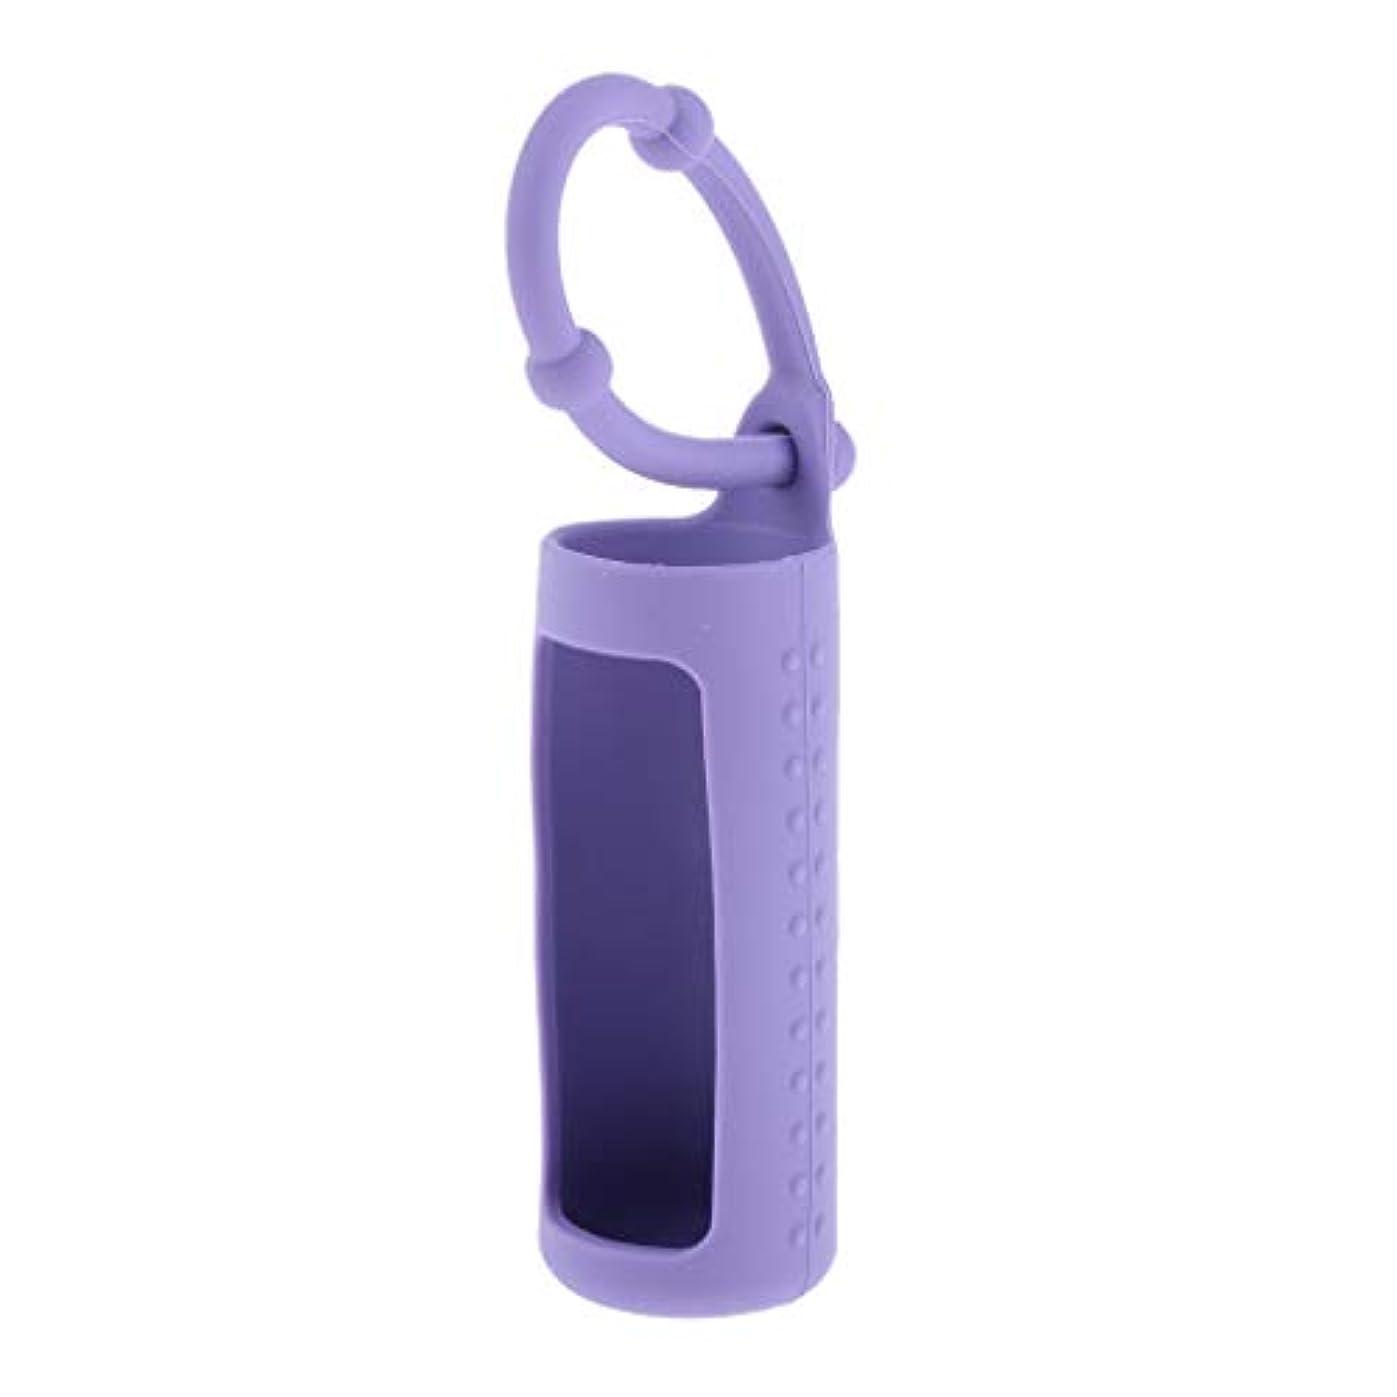 寝室を掃除する大宇宙狼dailymall エッセンシャルオイル 精油 香水ボトル ホルダー 詰替え容器 吊り掛け 10ml 全6色 - 紫